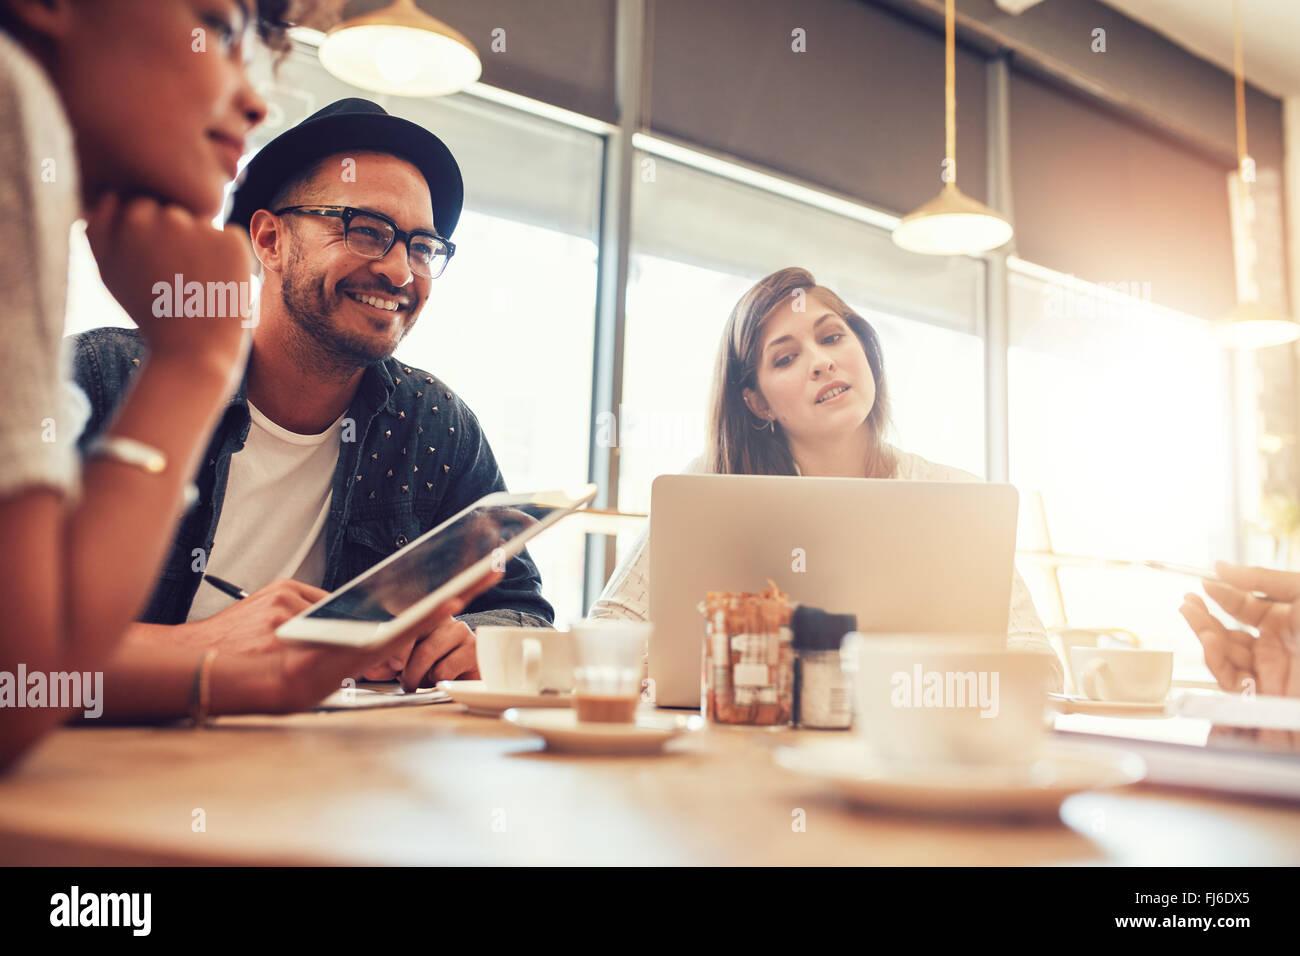 Porträt von glücklicher junger Mann sitzen und reden mit Freunden in einem Café. Junge Menschen in Stockbild